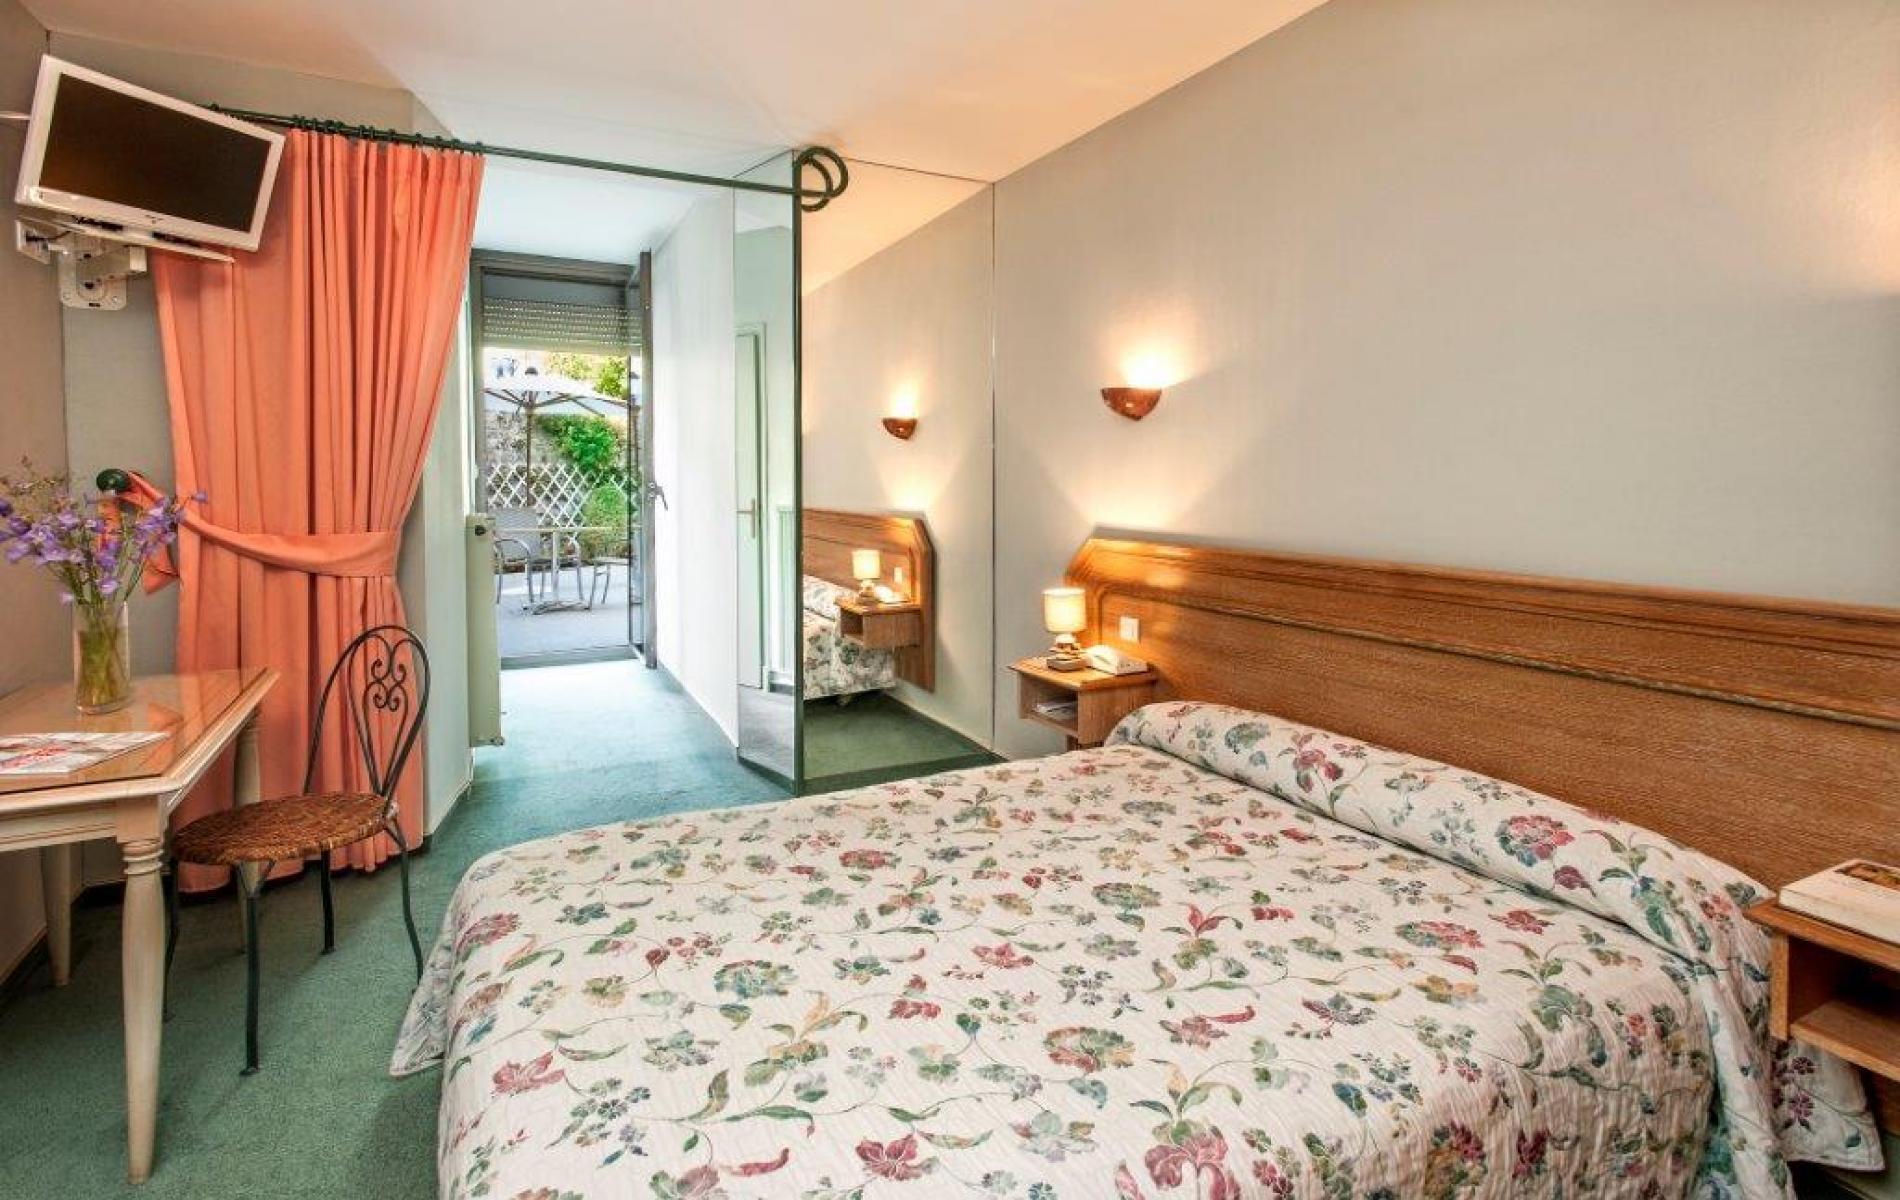 Chambre double Confort lit double 140 x 190, terrasse commune aux chambres voisines